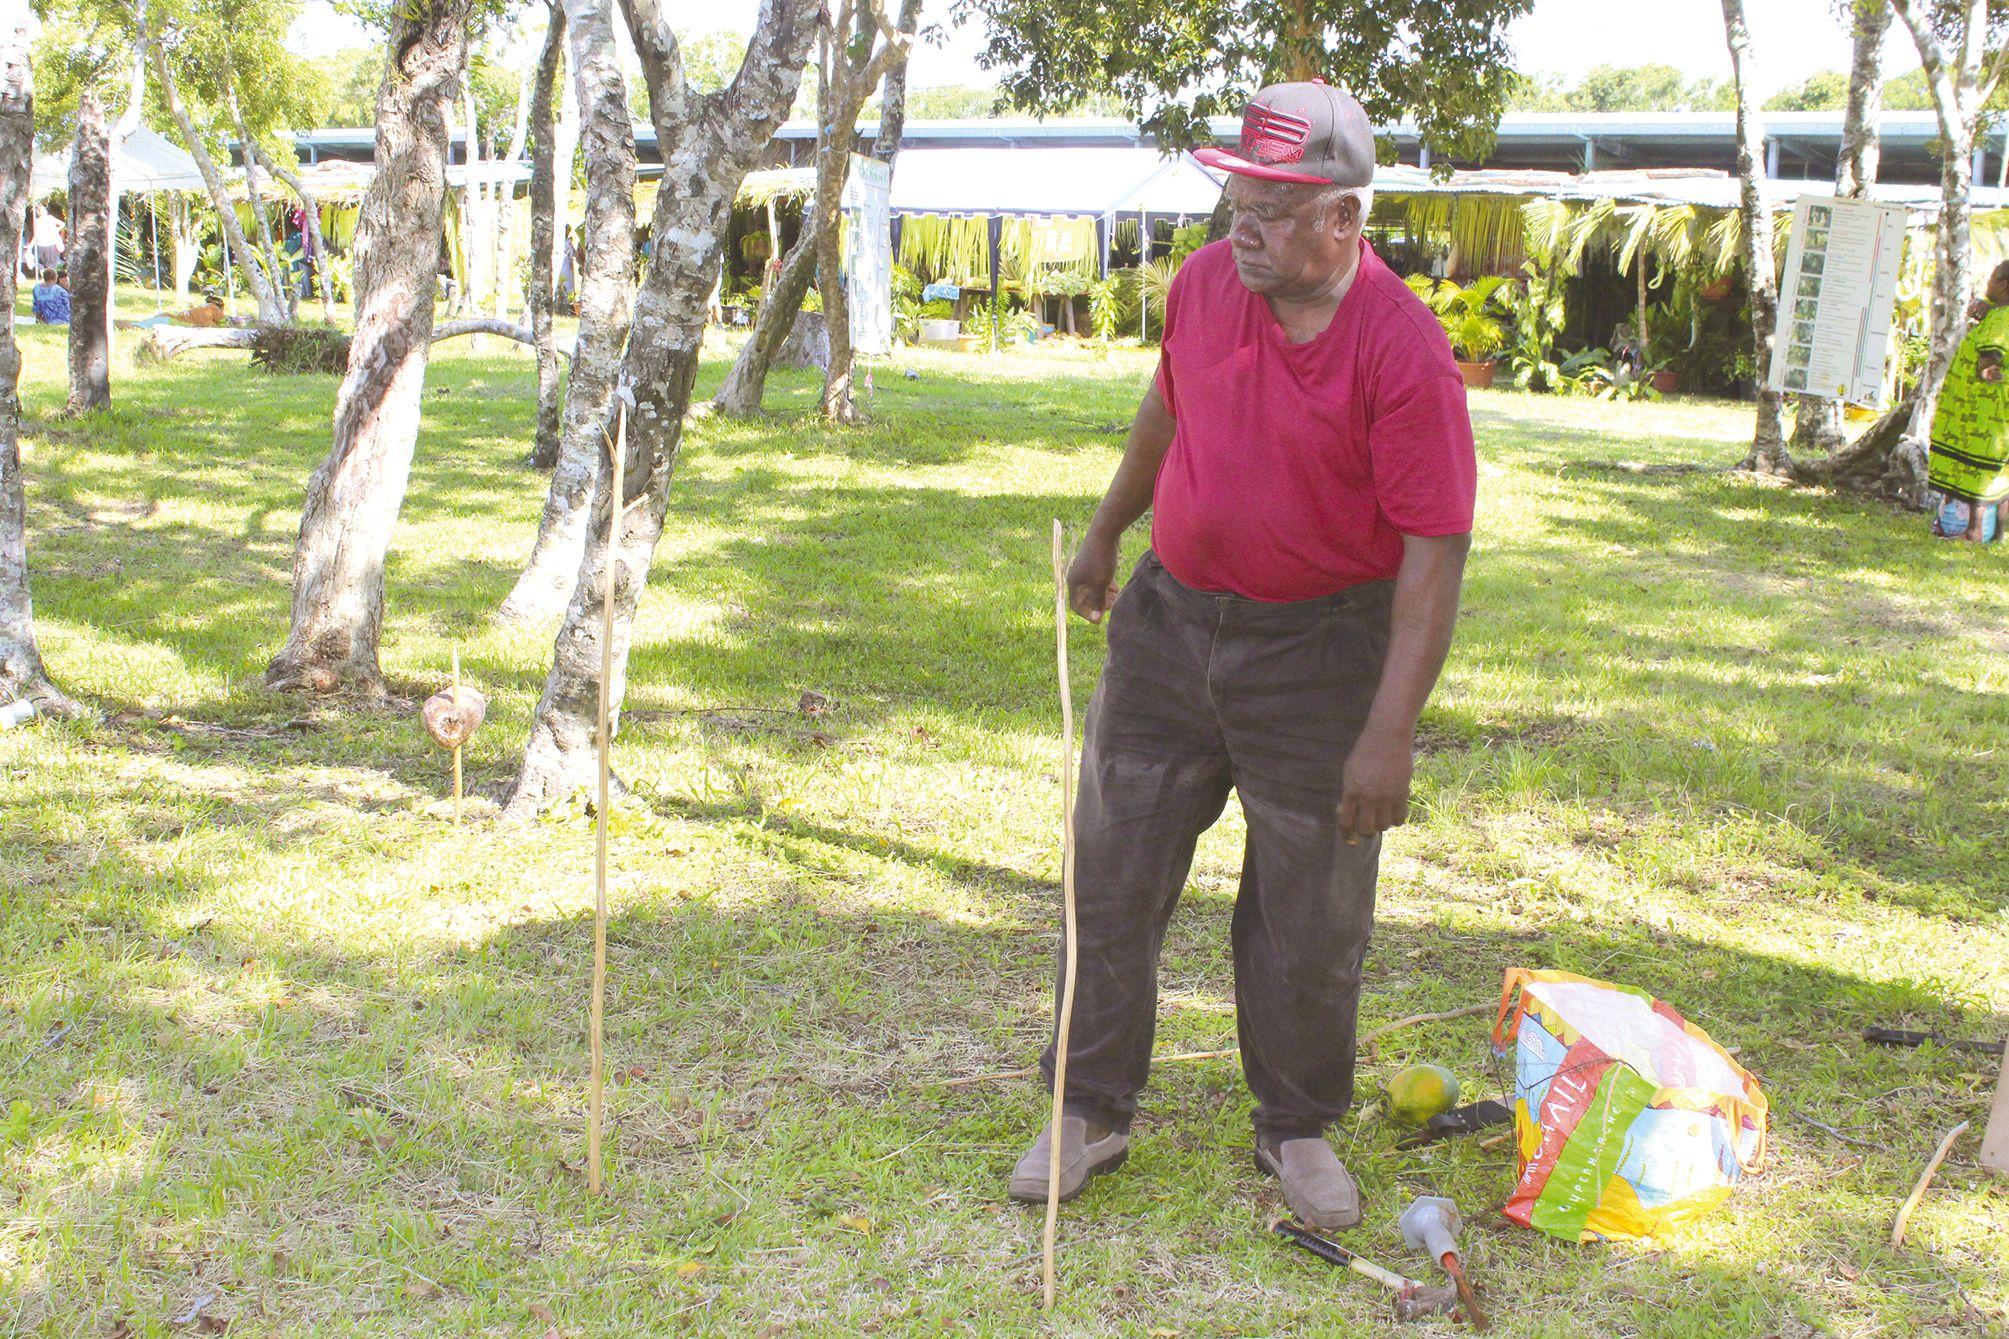 Le vieux Géihazé a montré au public comment faire des pièges pour les nuisibles afin de sauvegarder les récoltes dans les champs.